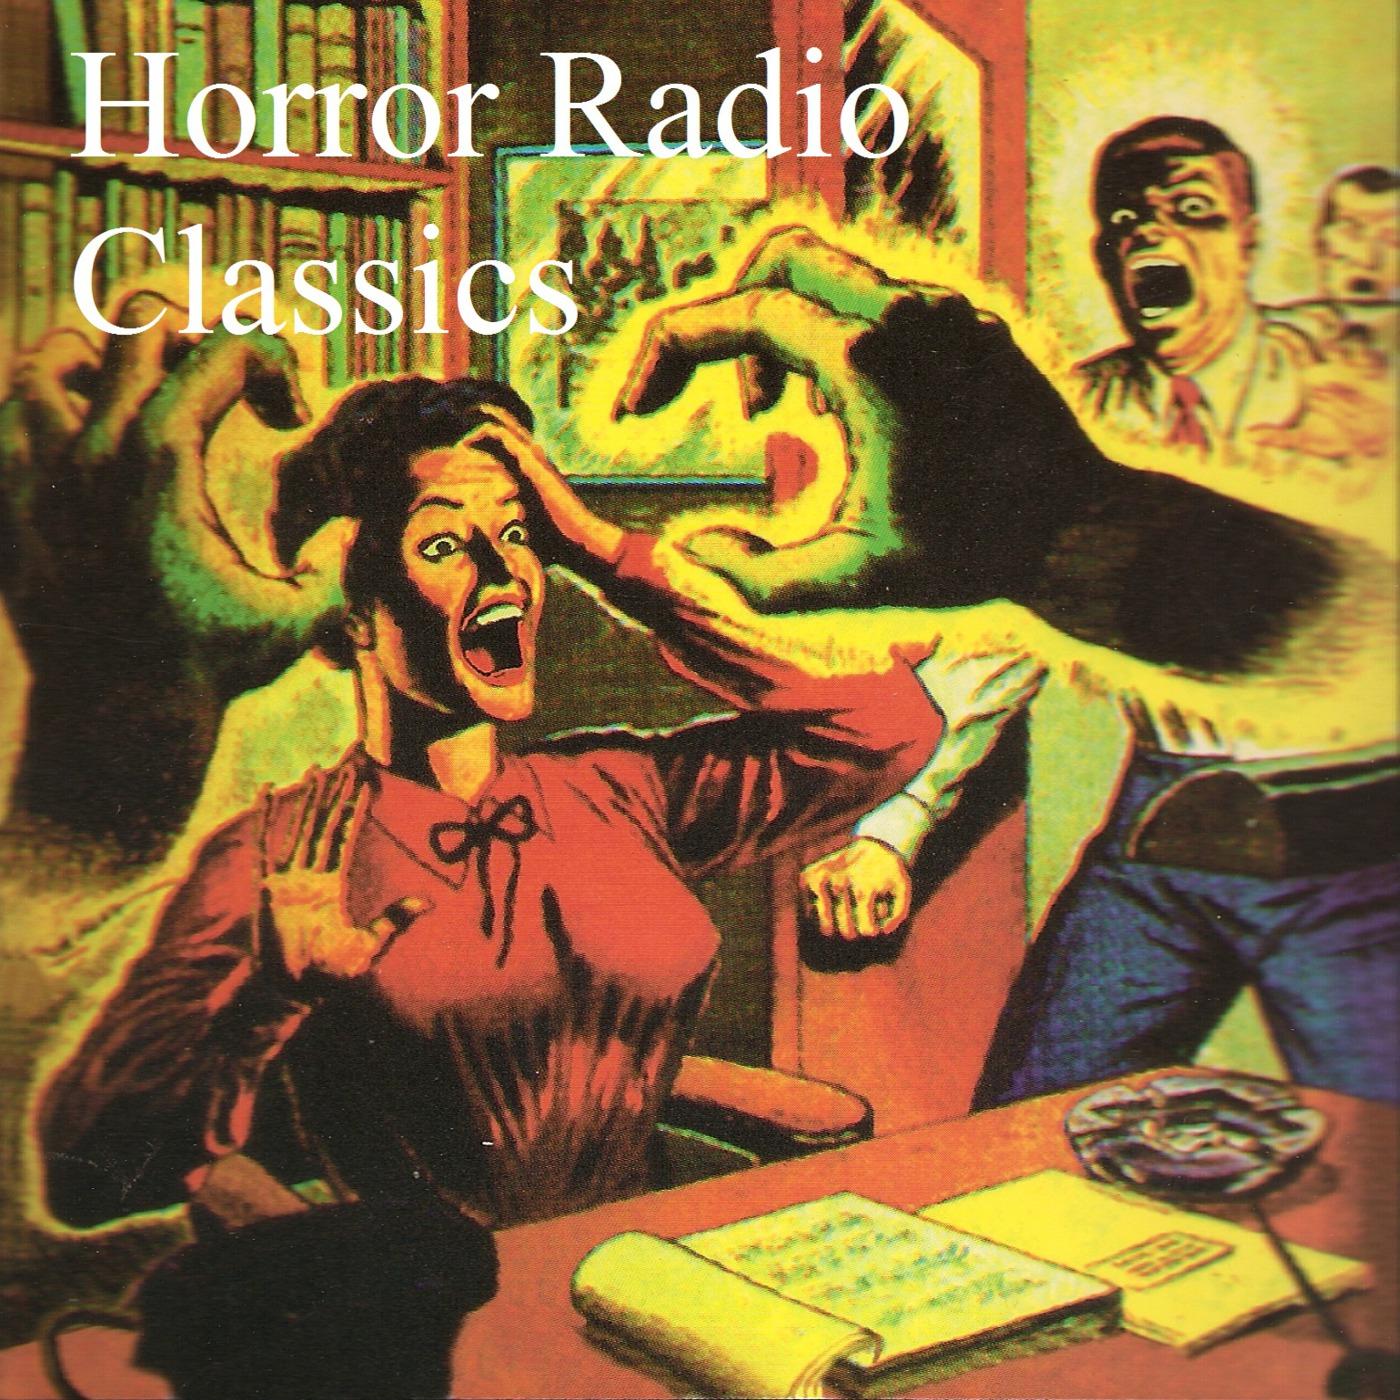 Horror Radio Classics